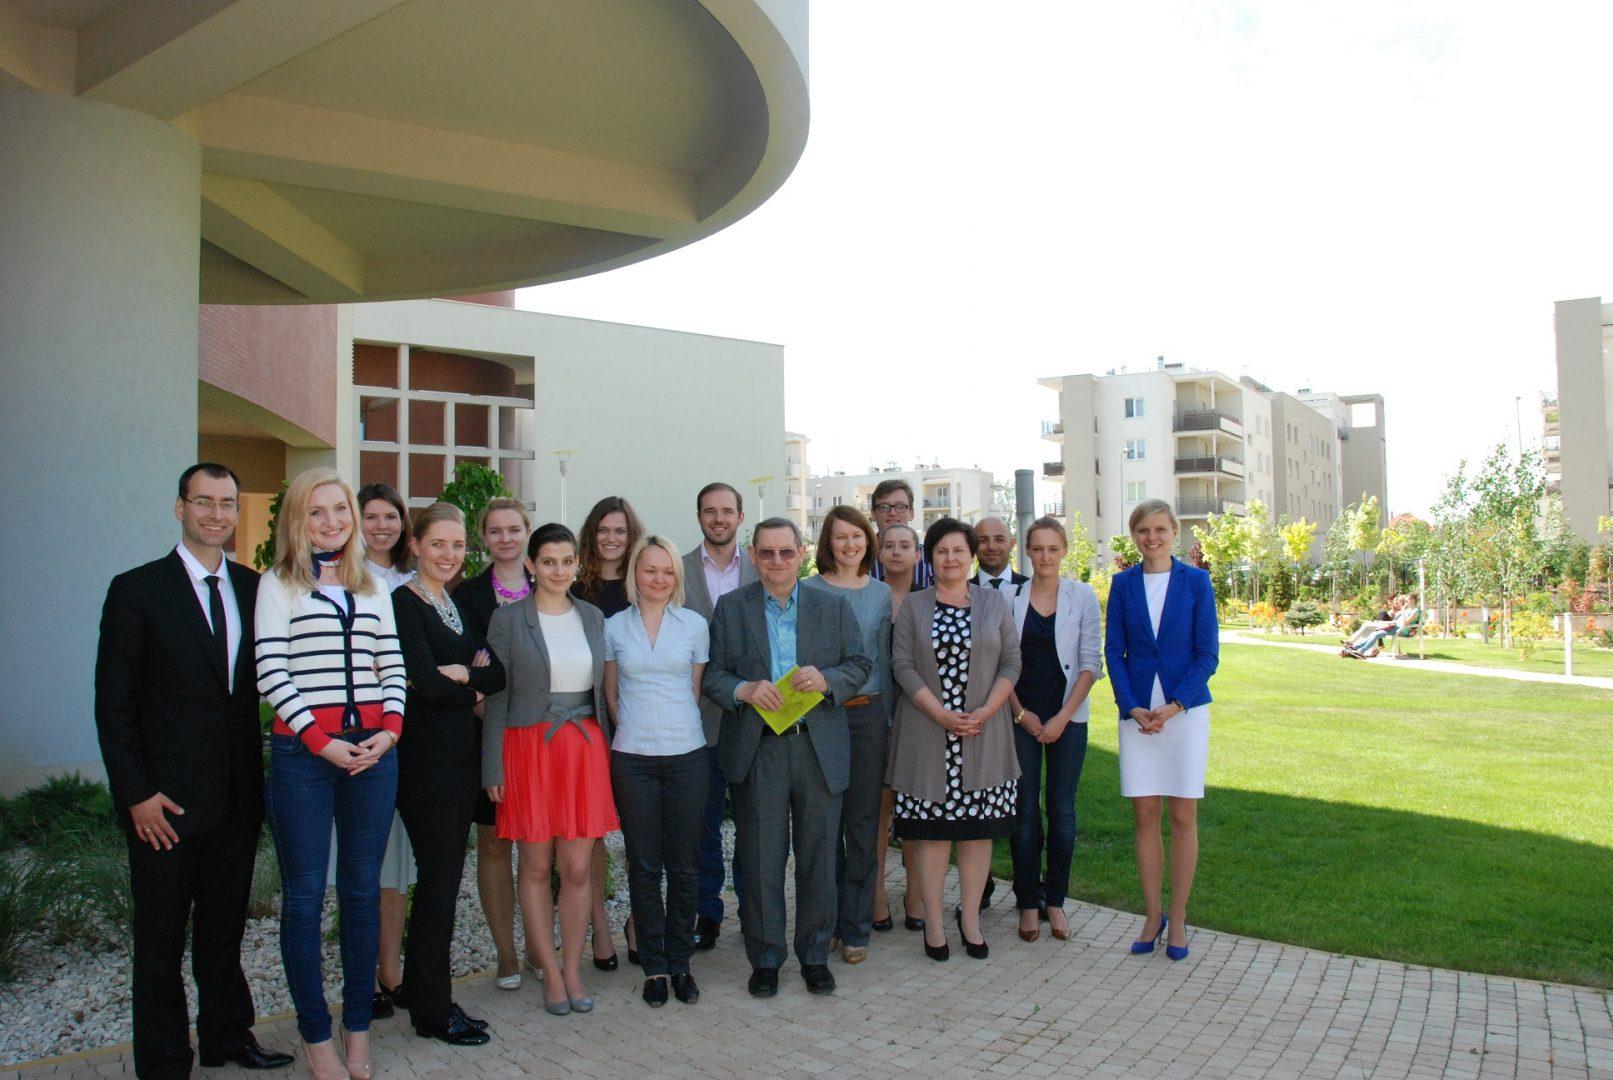 Alumni Gathering in Toruń